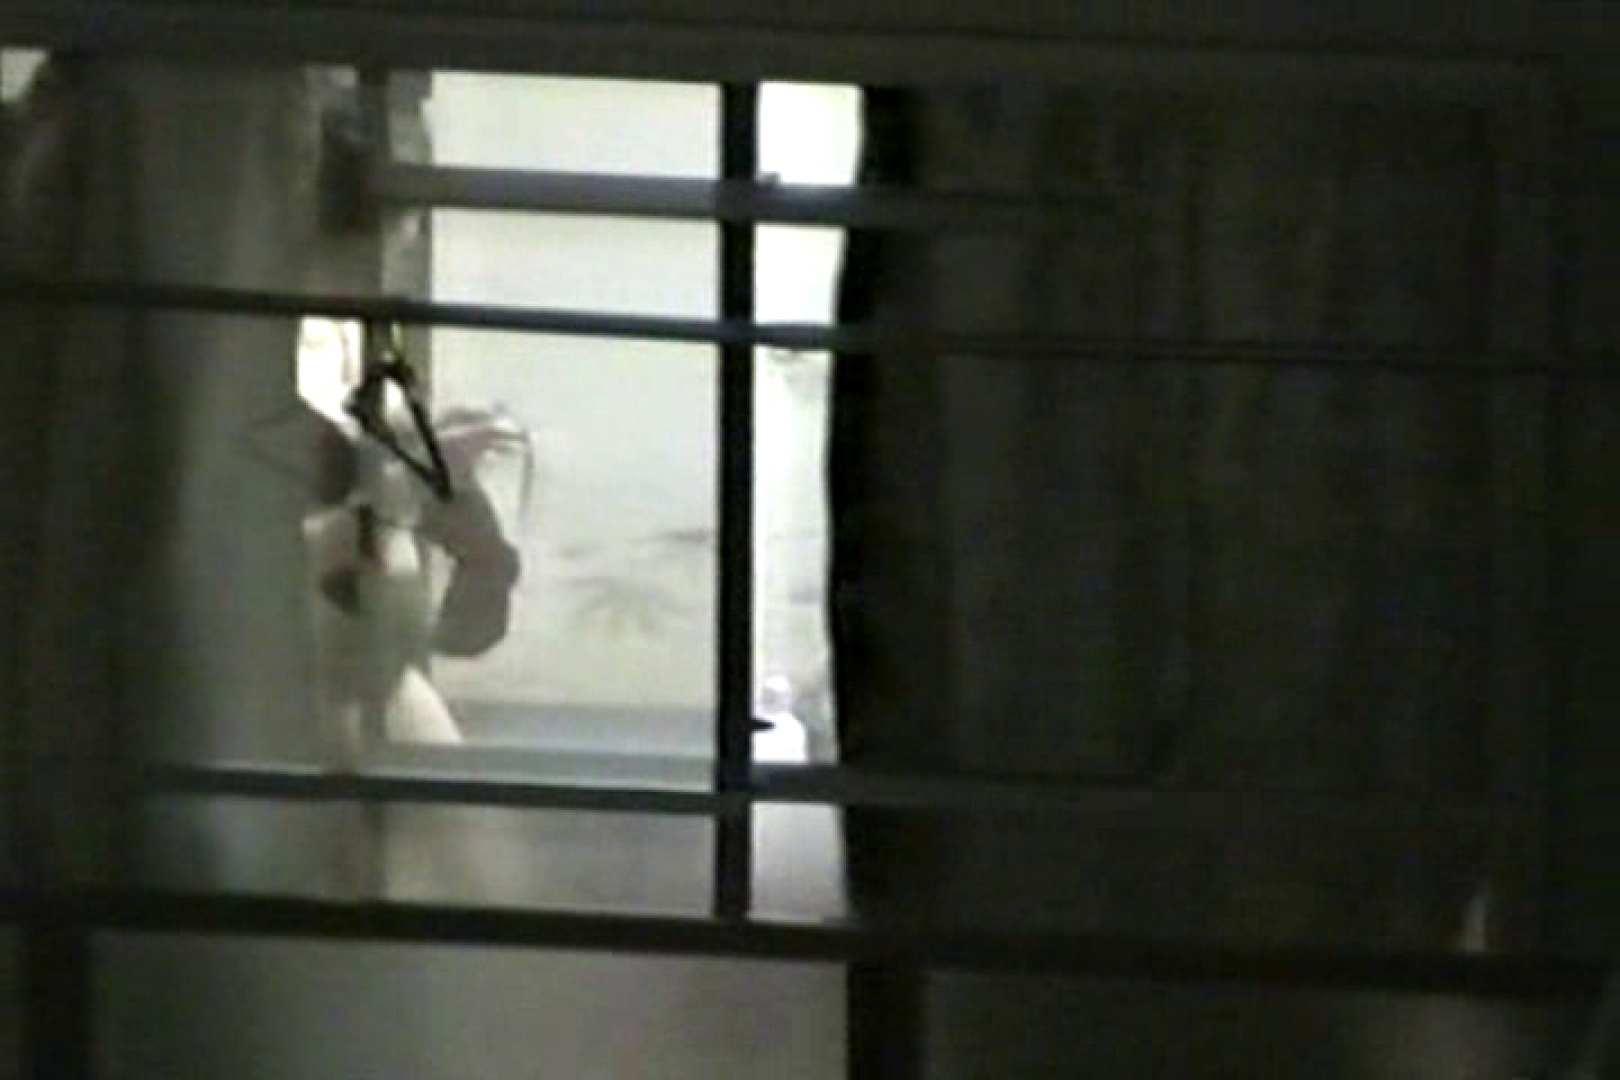 究極の民家覗き撮りVol.4 潜入突撃 オメコ動画キャプチャ 73pic 33